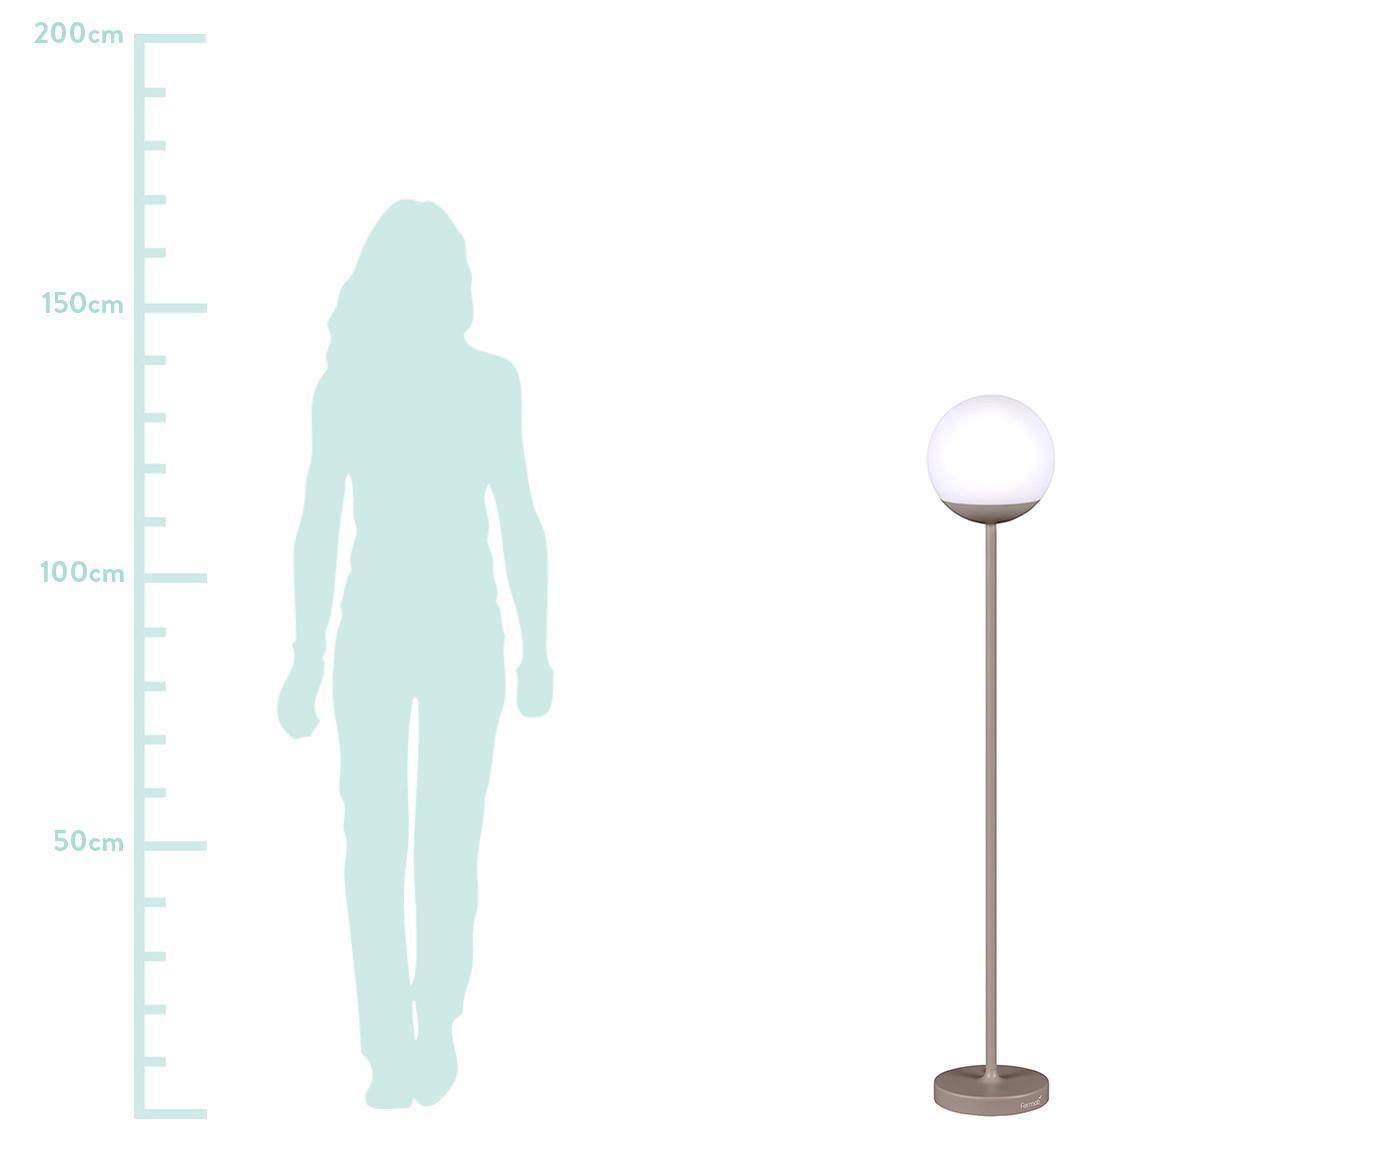 Zewnętrzna mobilna lampa LED Mooon, Gałka muszkatołowa, Ø 25 x W 134 cm